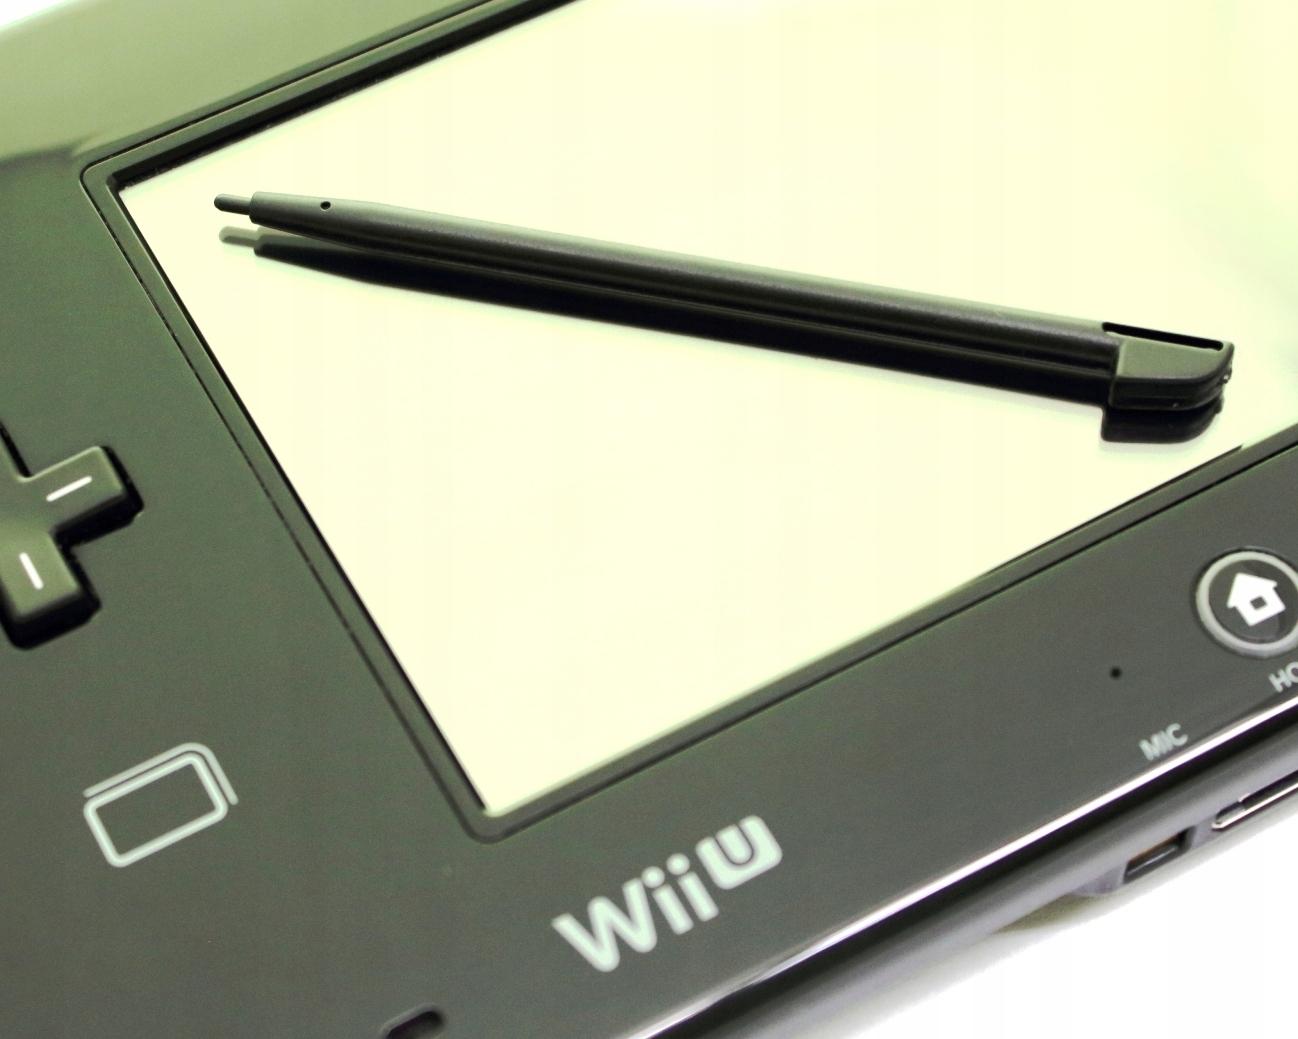 Rysik to Gamepada z konzoly Wii U [BLACK]